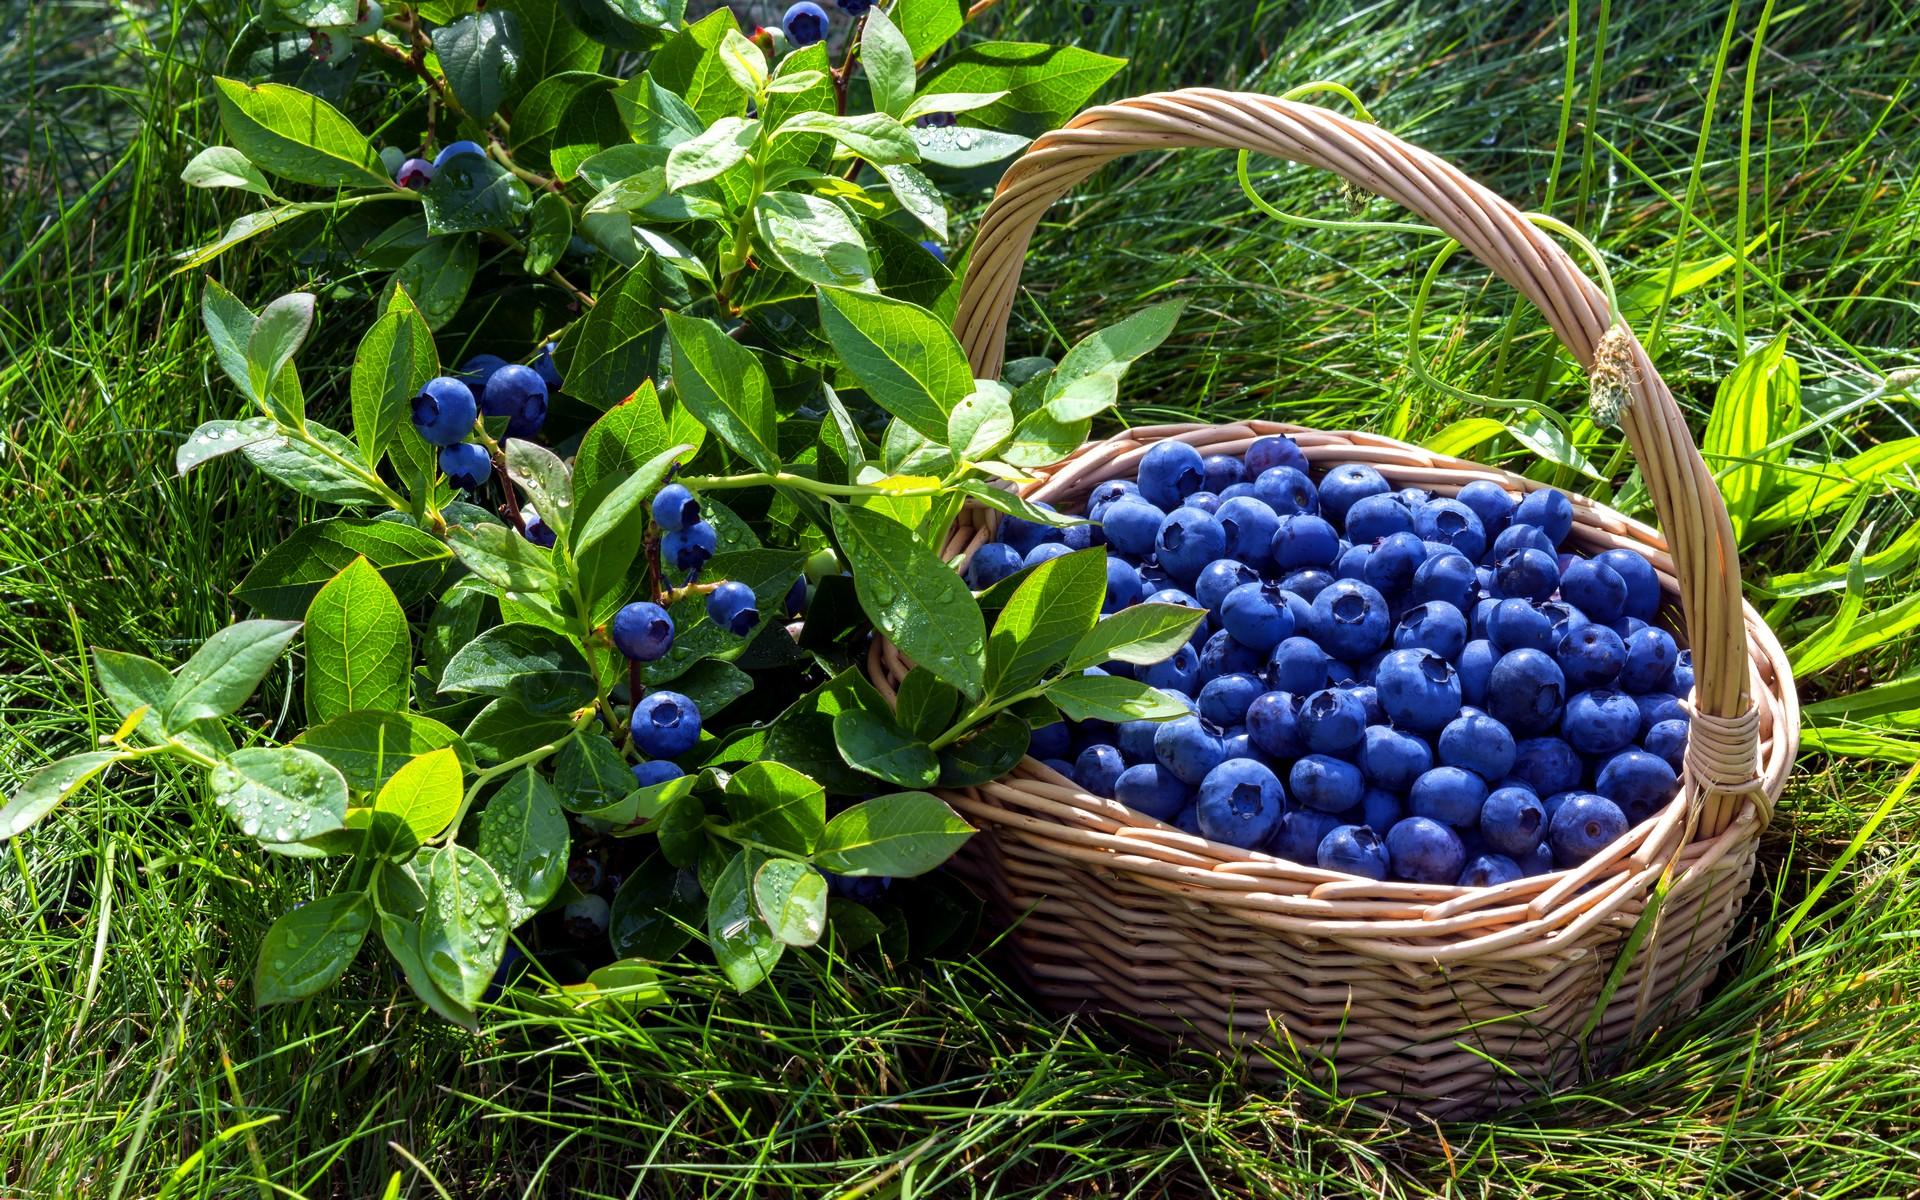 Картинка Ягода черника в корзине » Фрукты и ягоды » Еда ...